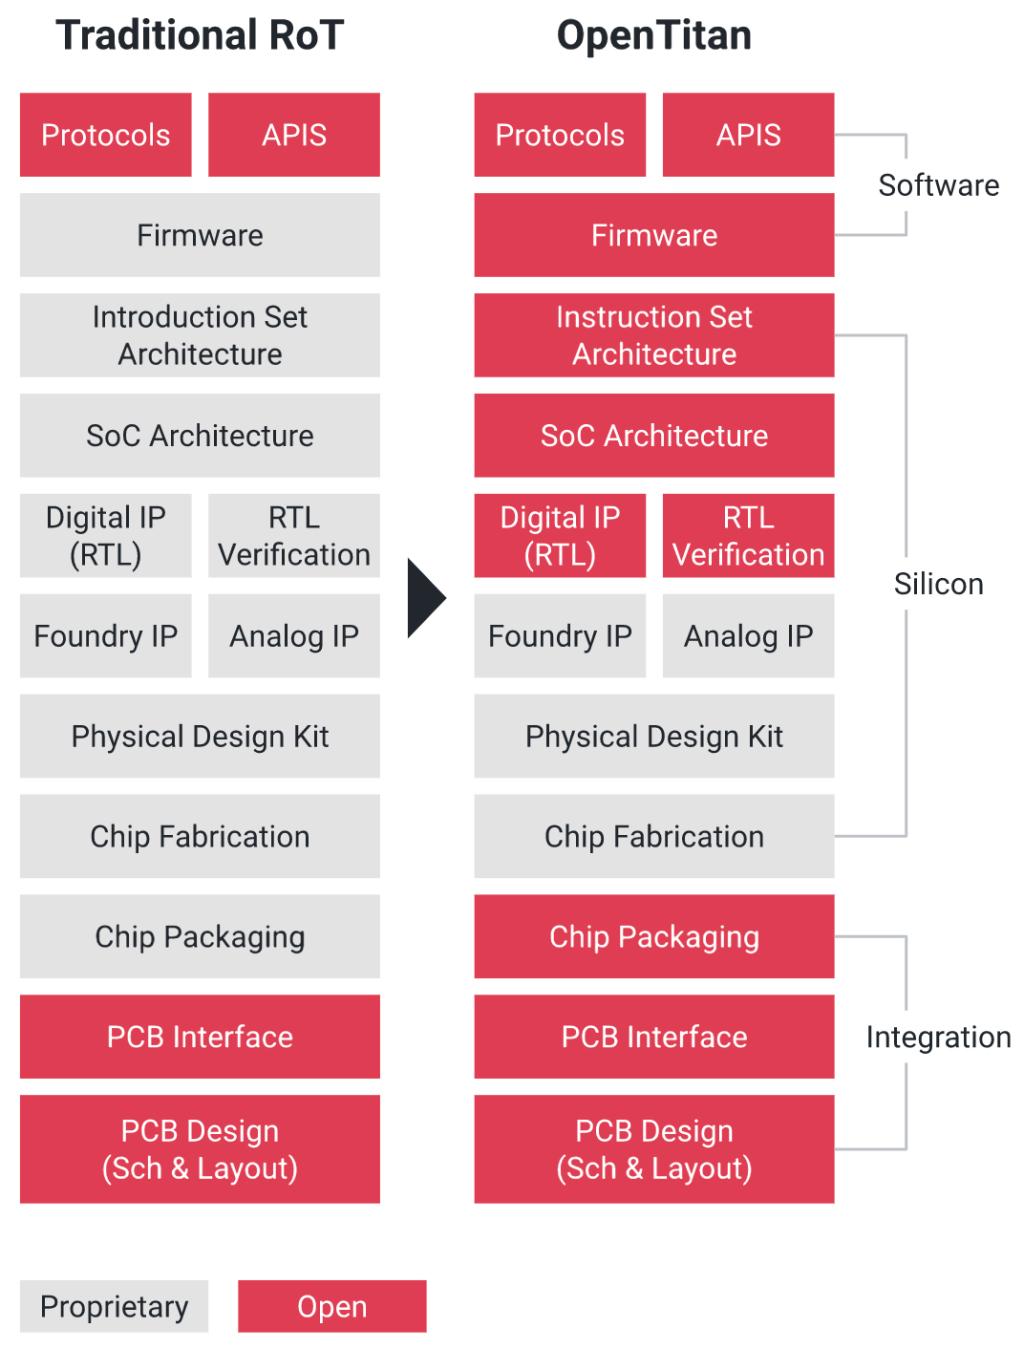 OpenTitan comparison with RoT